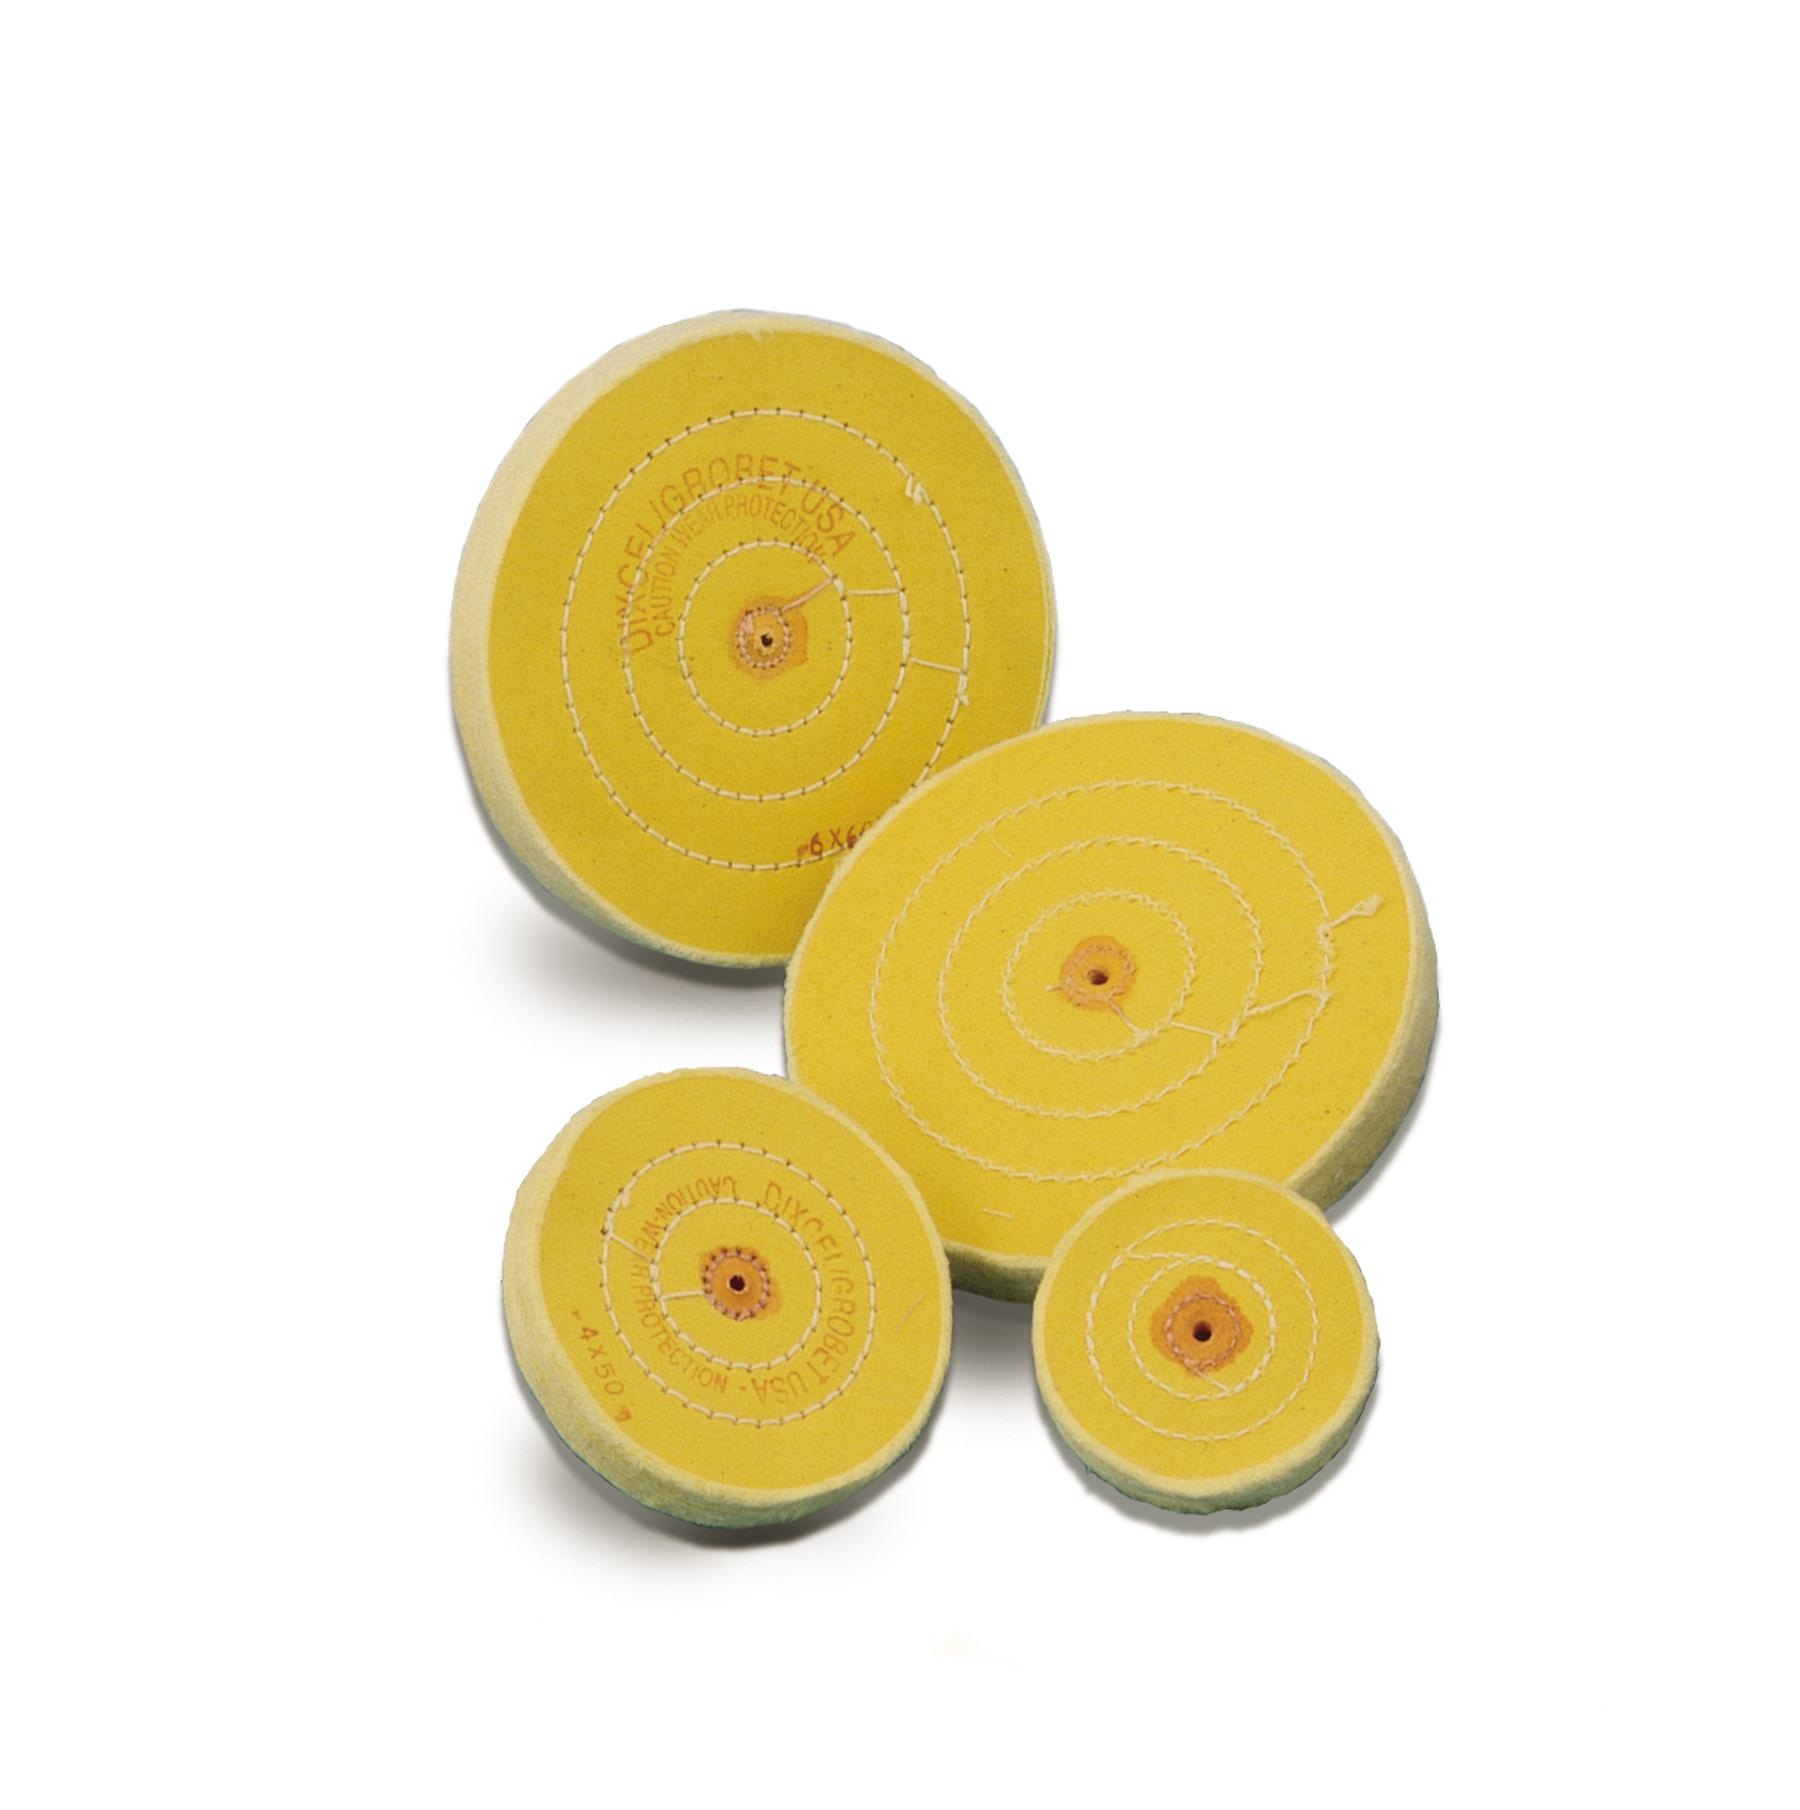 Yellow Chemkote Buff, Shellac Center, 3